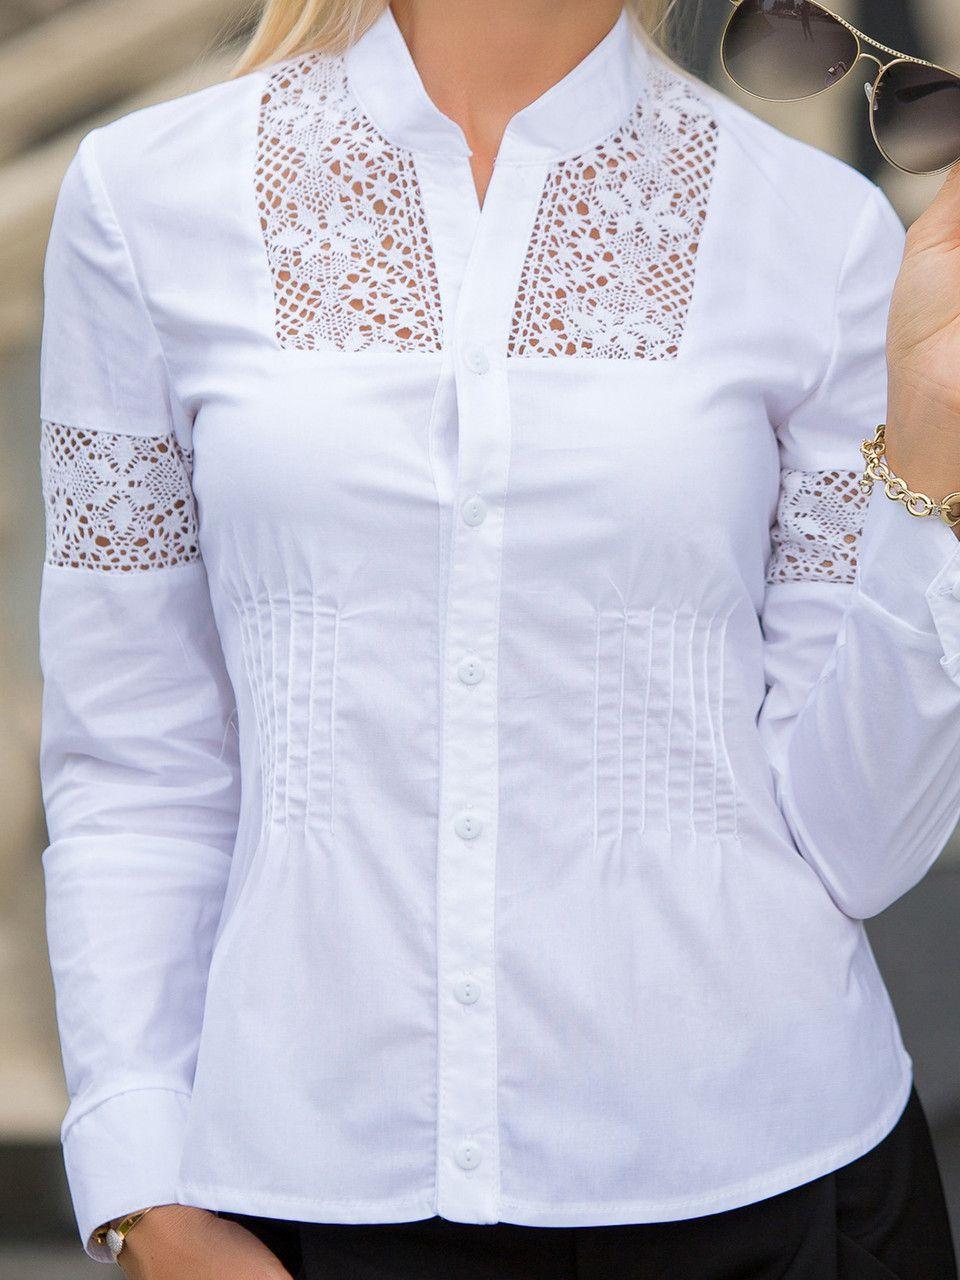 b64d90e2c89 Рубашка с кружевными вставками белая в 2019 г.